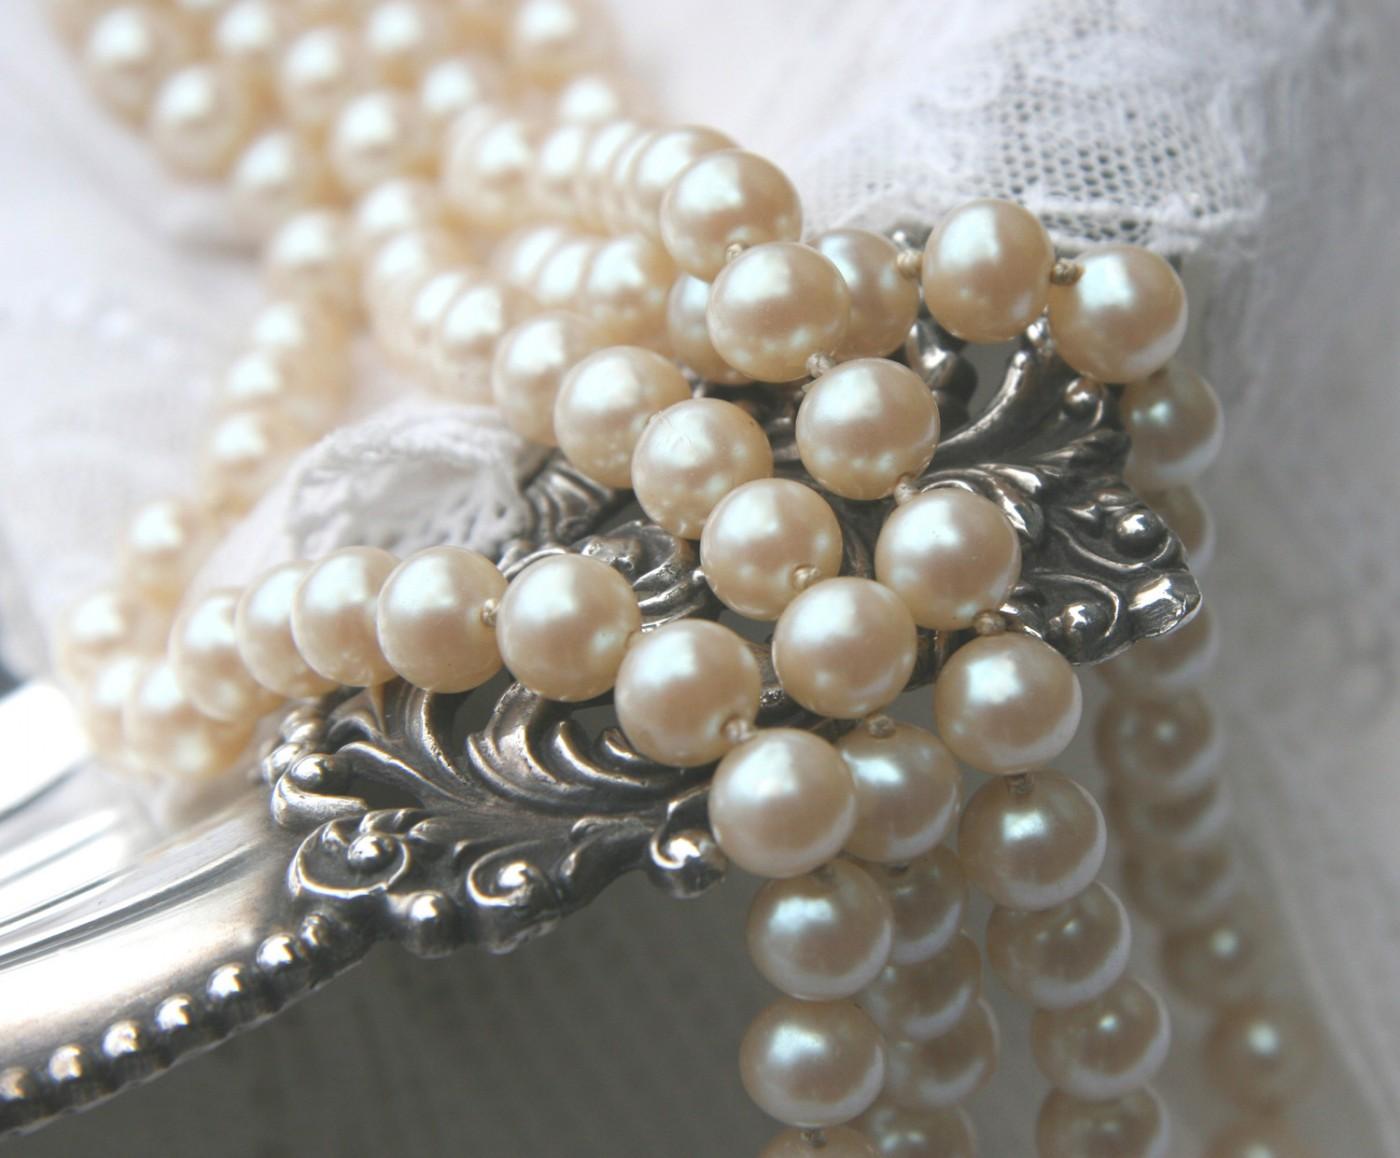 Hyla Wults Fox, </span><span><em>Pearls</em>